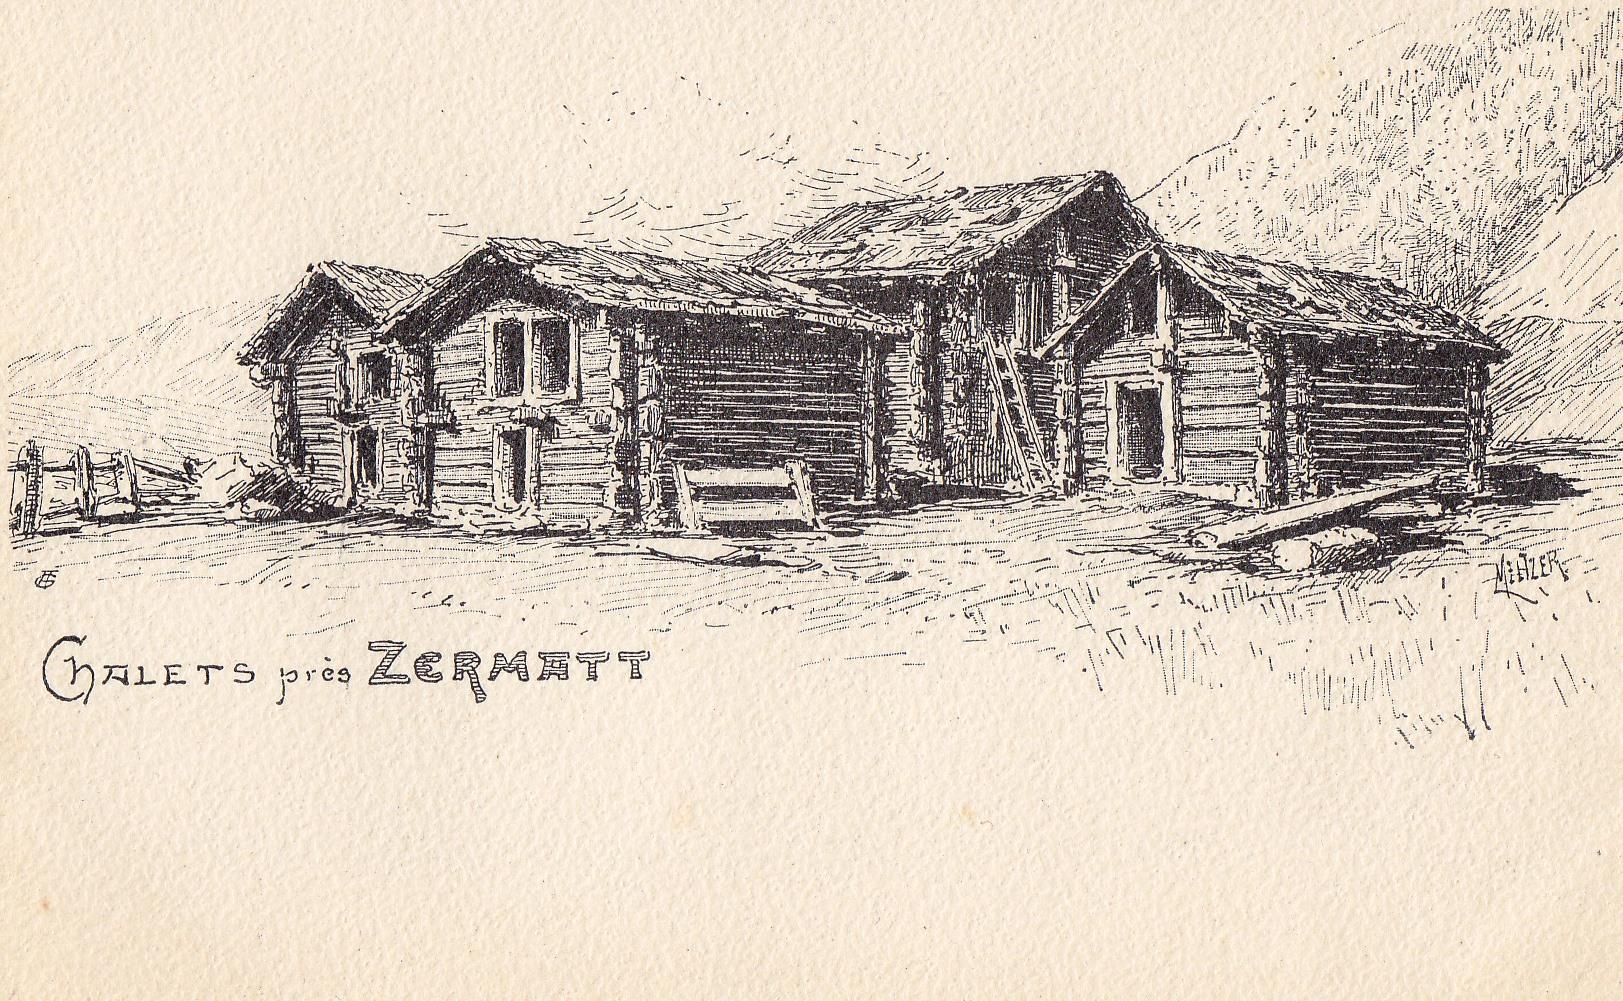 Chalets près de Zermatt